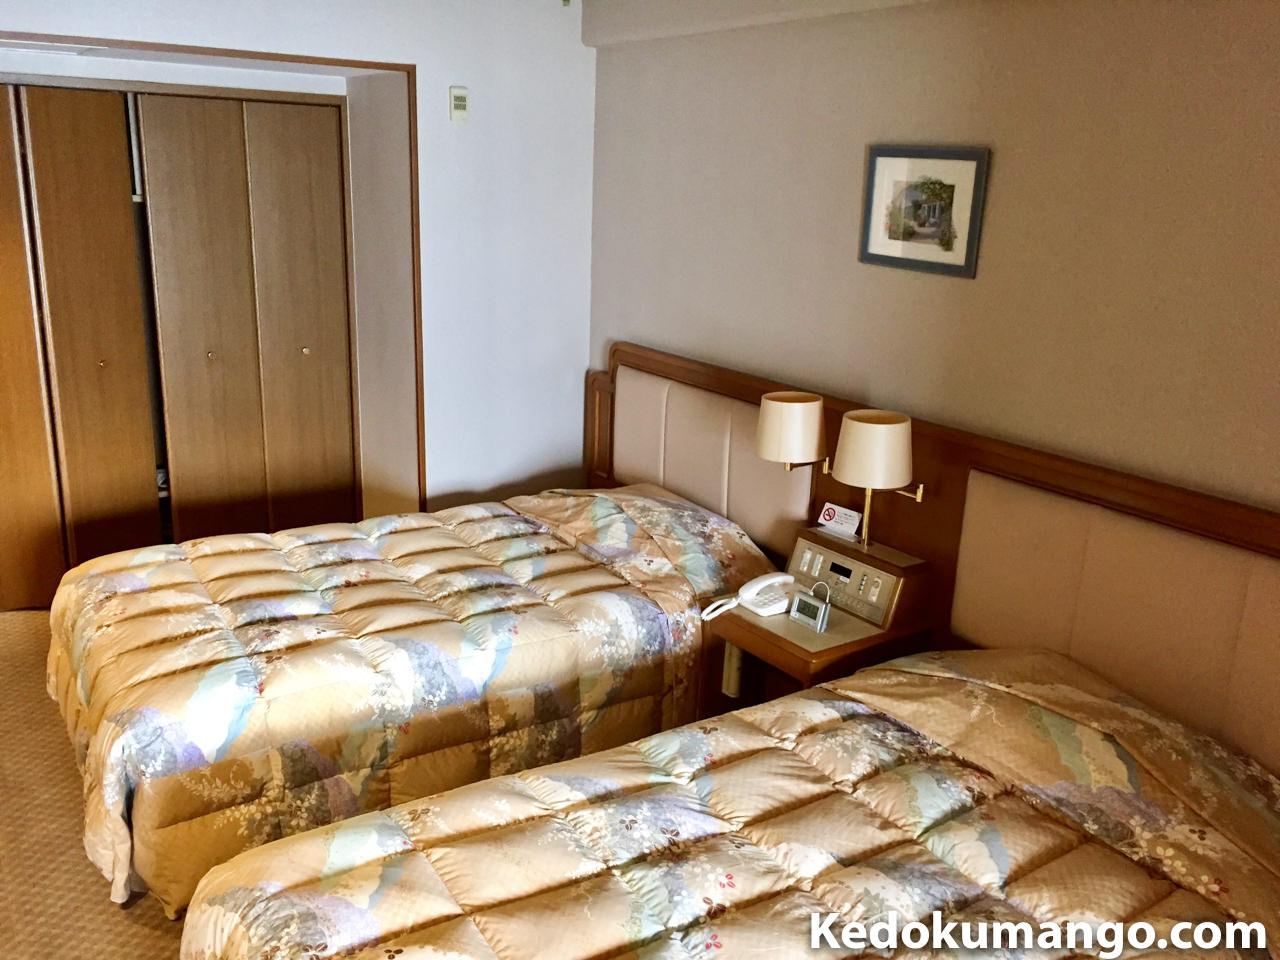 大黒リゾートホテルの和洋室